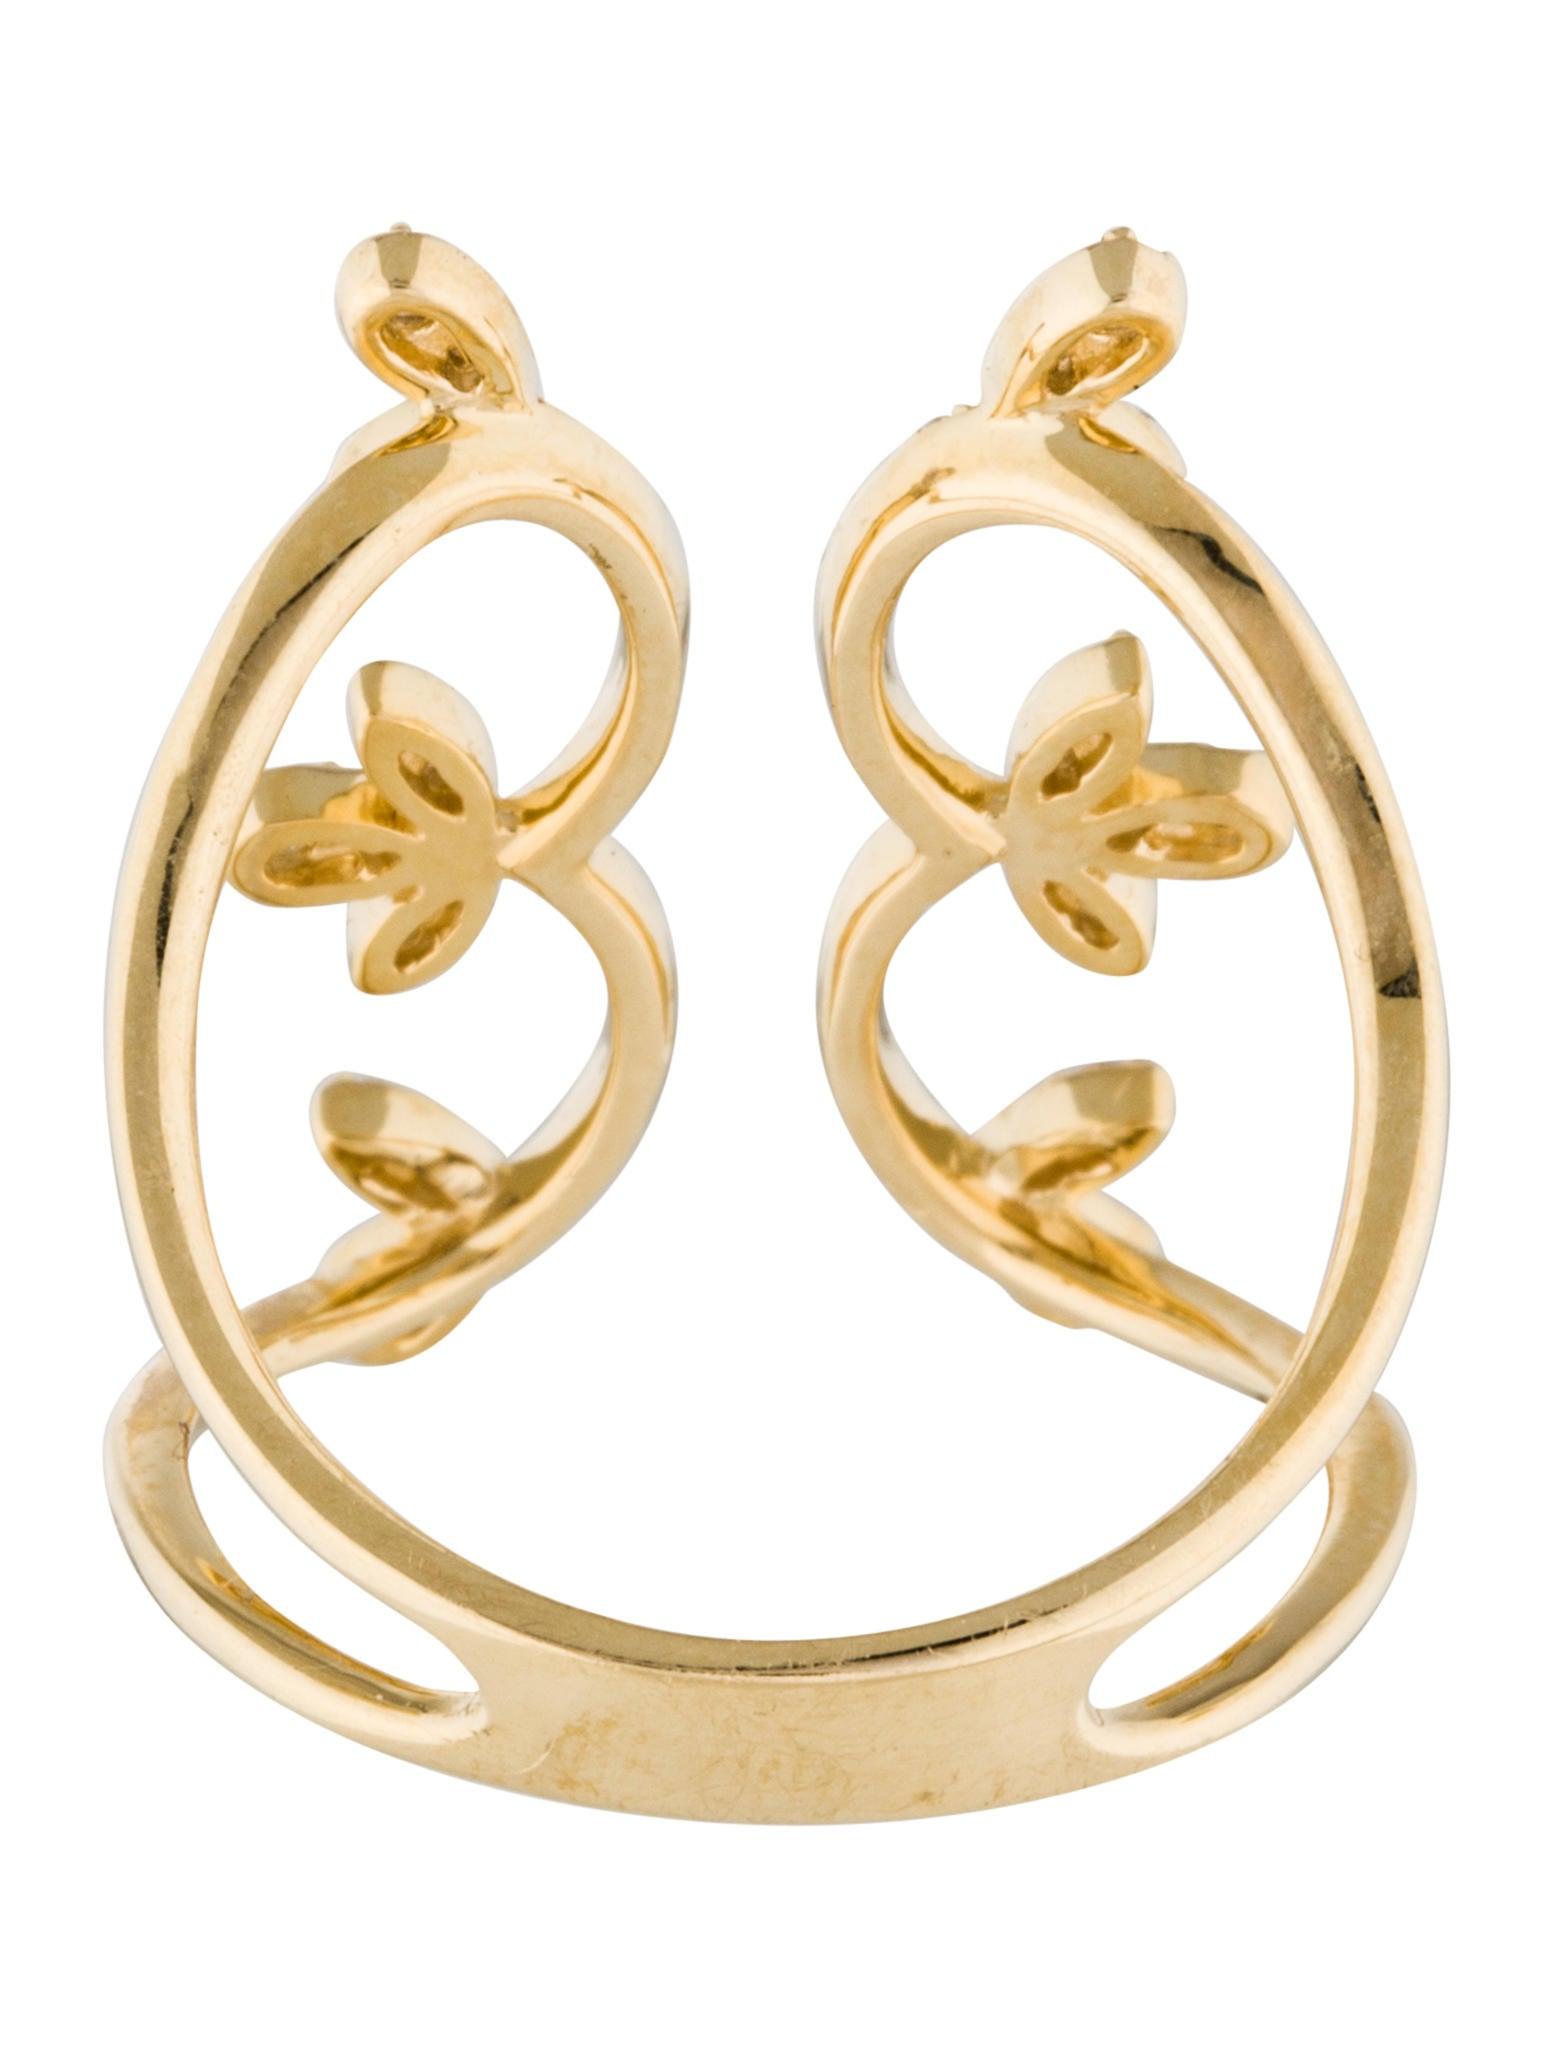 14K Foliate Diamond Open Ring - Rings - RRING35470   The ...